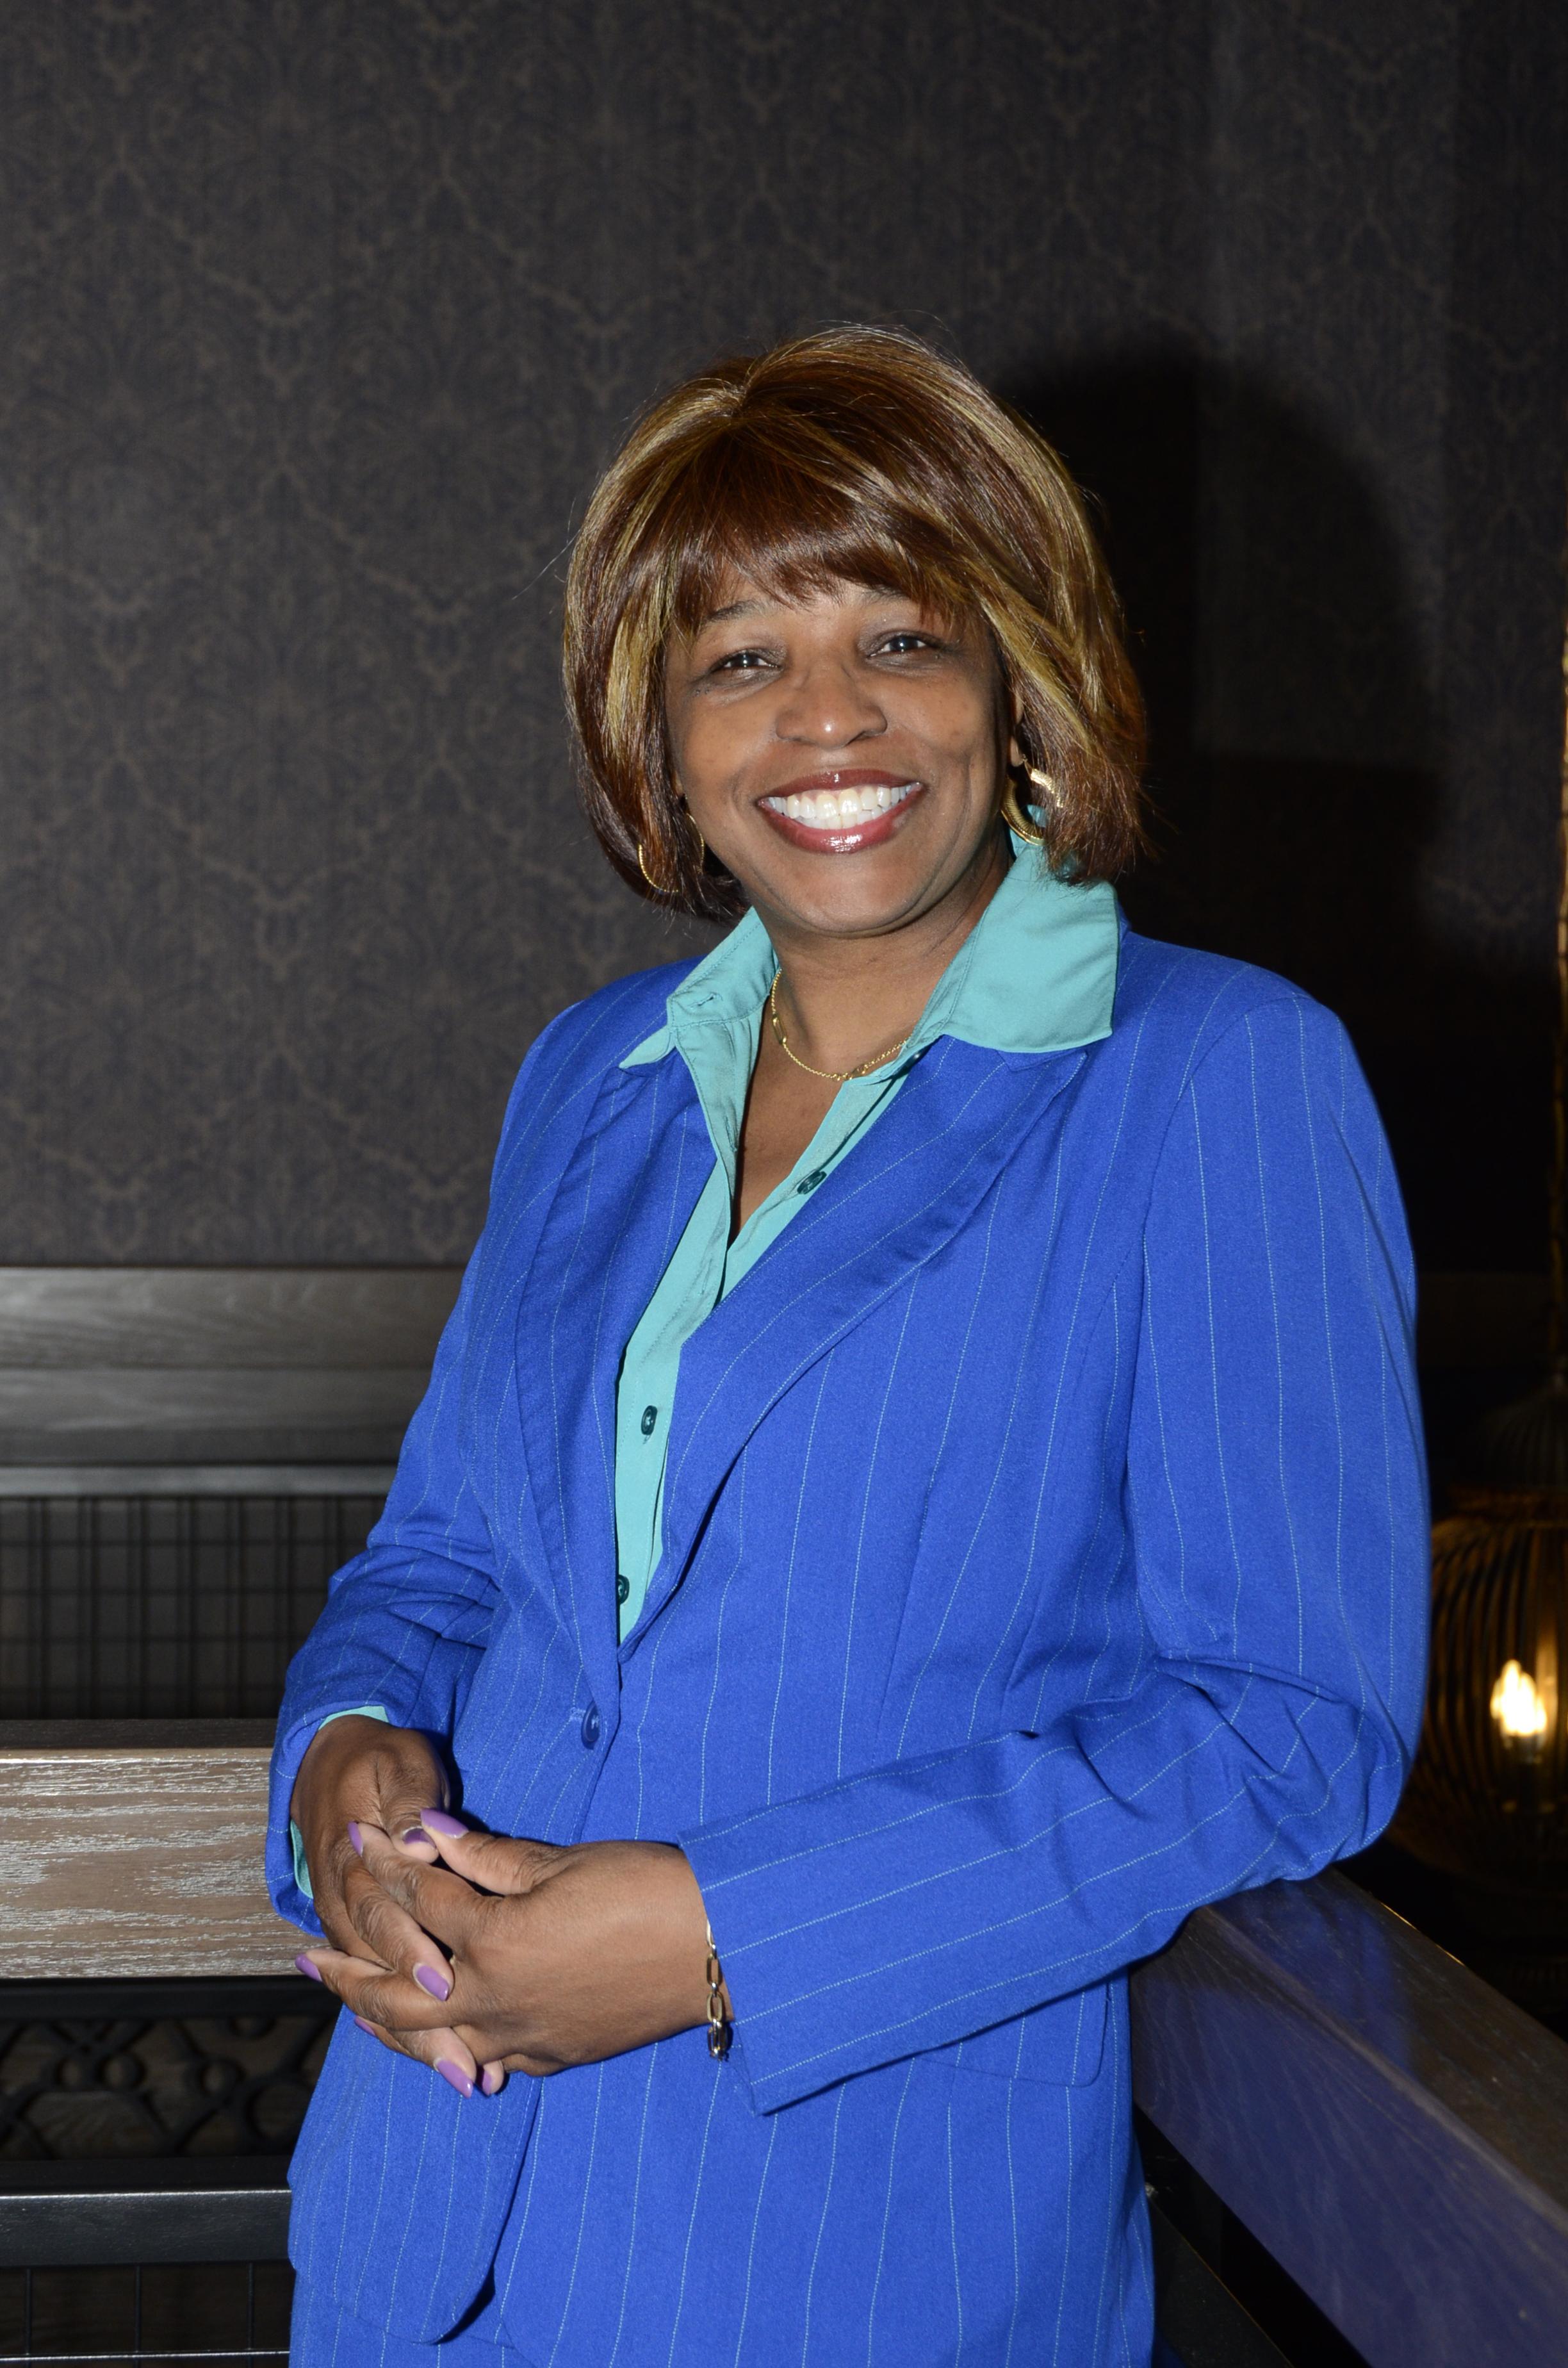 003-Monique-WashingtonCB-JPG.jpg